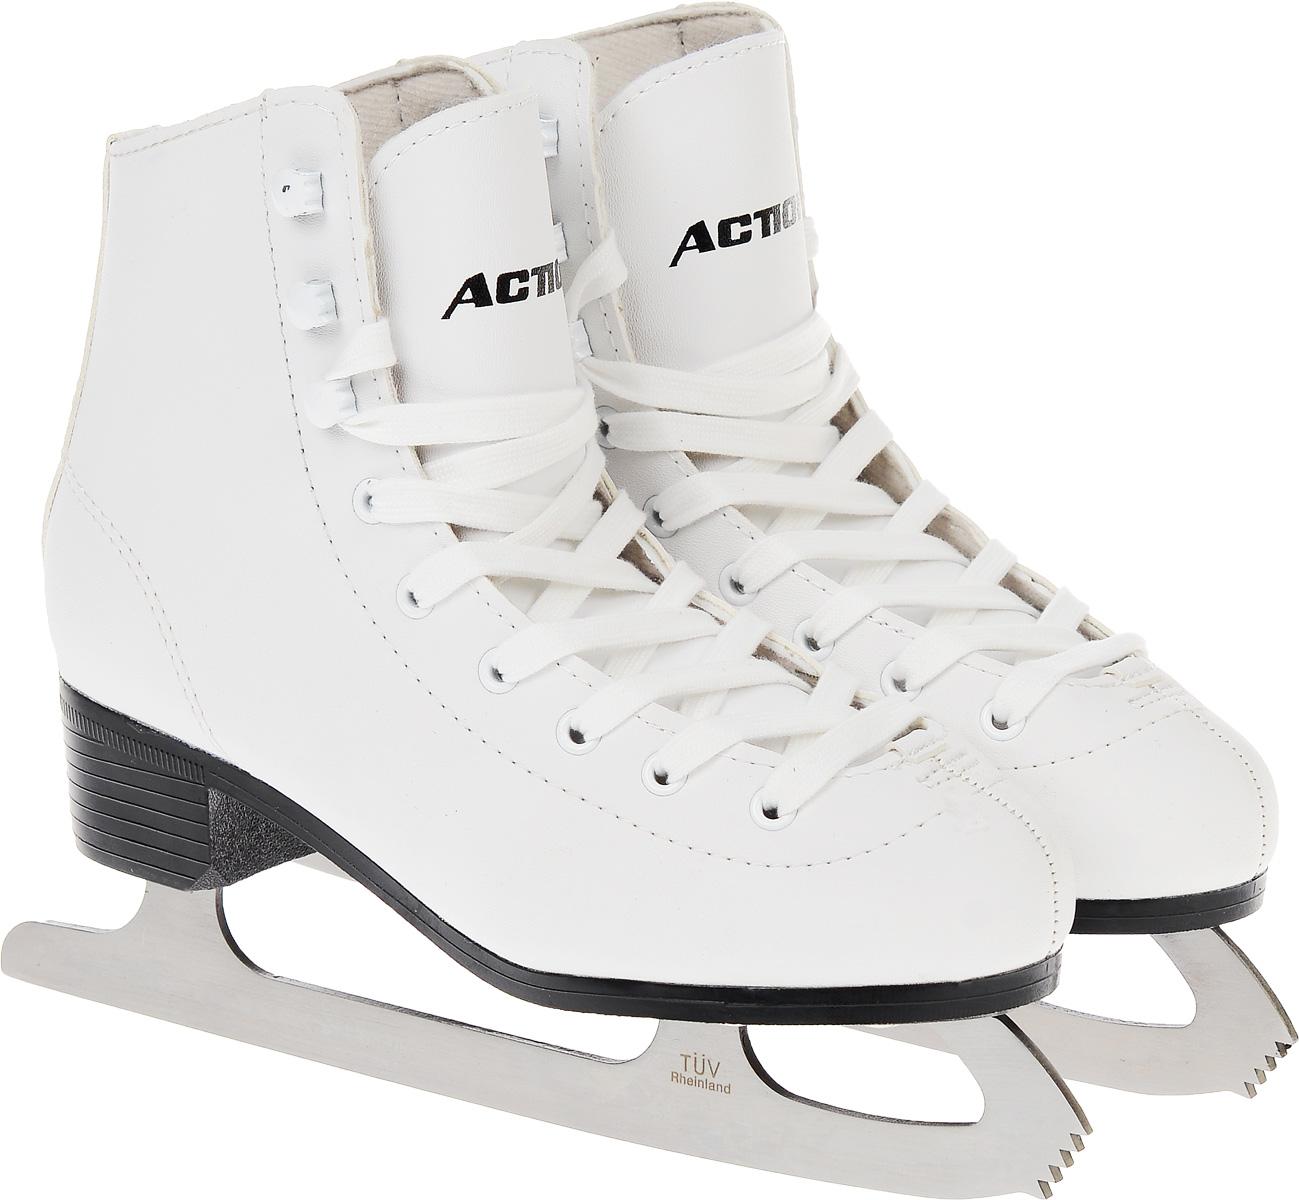 Коньки фигурные женские Action Sporting Goods, цвет: белый. PW-215. Размер 39PW-215_белый_39Высокий классический ботинок идеально подойдет для любительского катания. Модель снабжена системой быстрой шнуровки и поддержкой голеностопа. Верх ботинка выполнен из высококачественной искусственной кожи, подошва - твердый пластик. Лезвие изготовлено из нержавеющей стали со специальным покрытием, придающим дополнительную прочность.